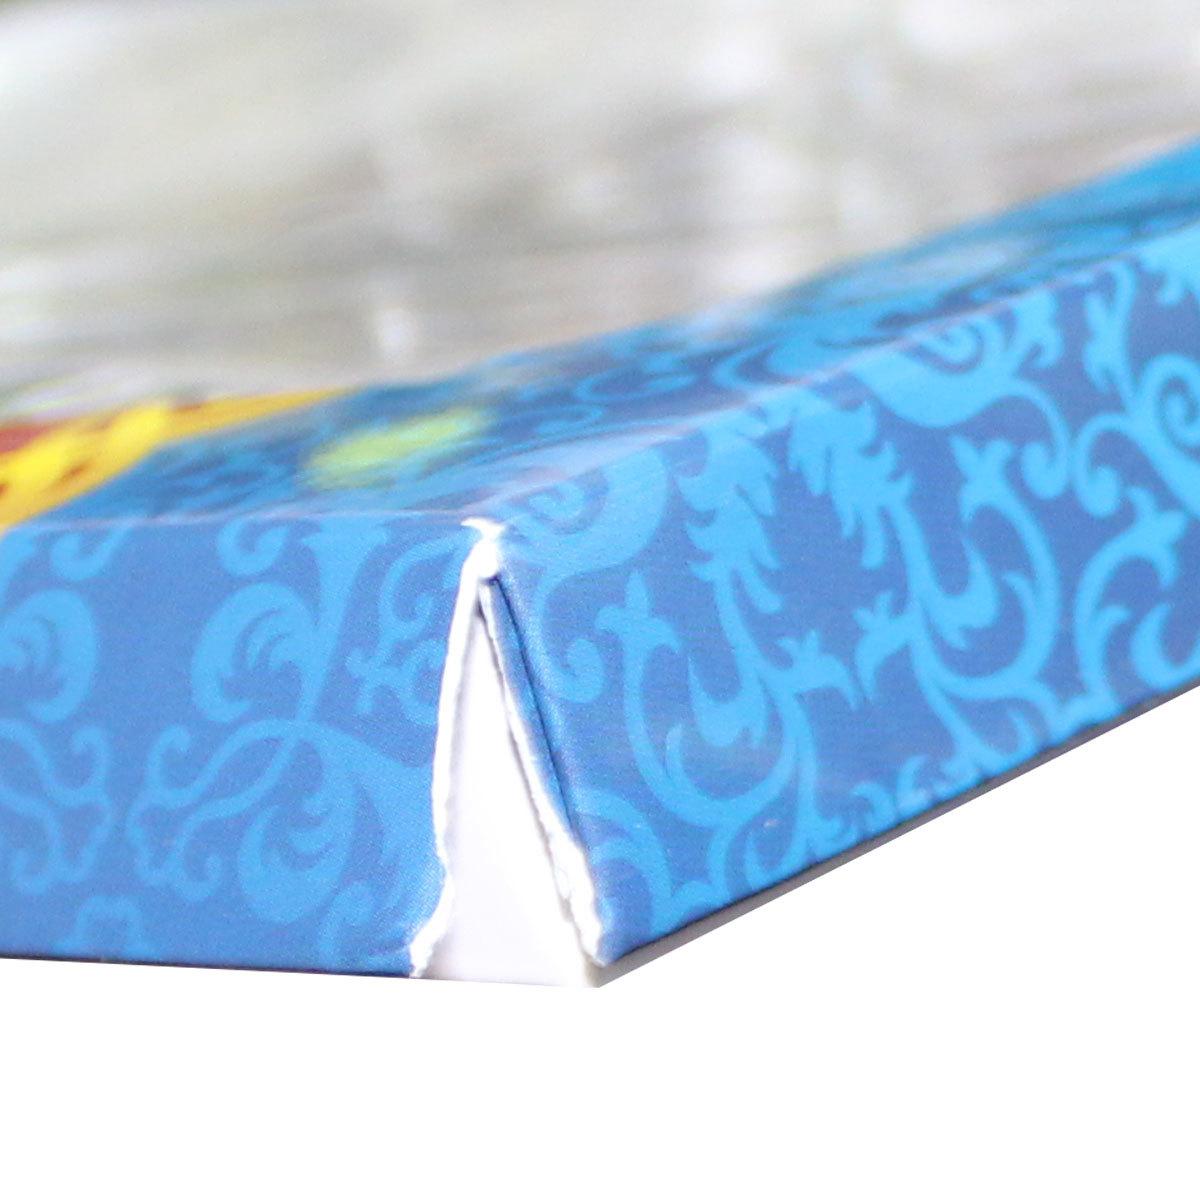 Набор «Легендарные локомотивы». Цветные гравированные монеты 10р. в планшете с коробкой. Уценка